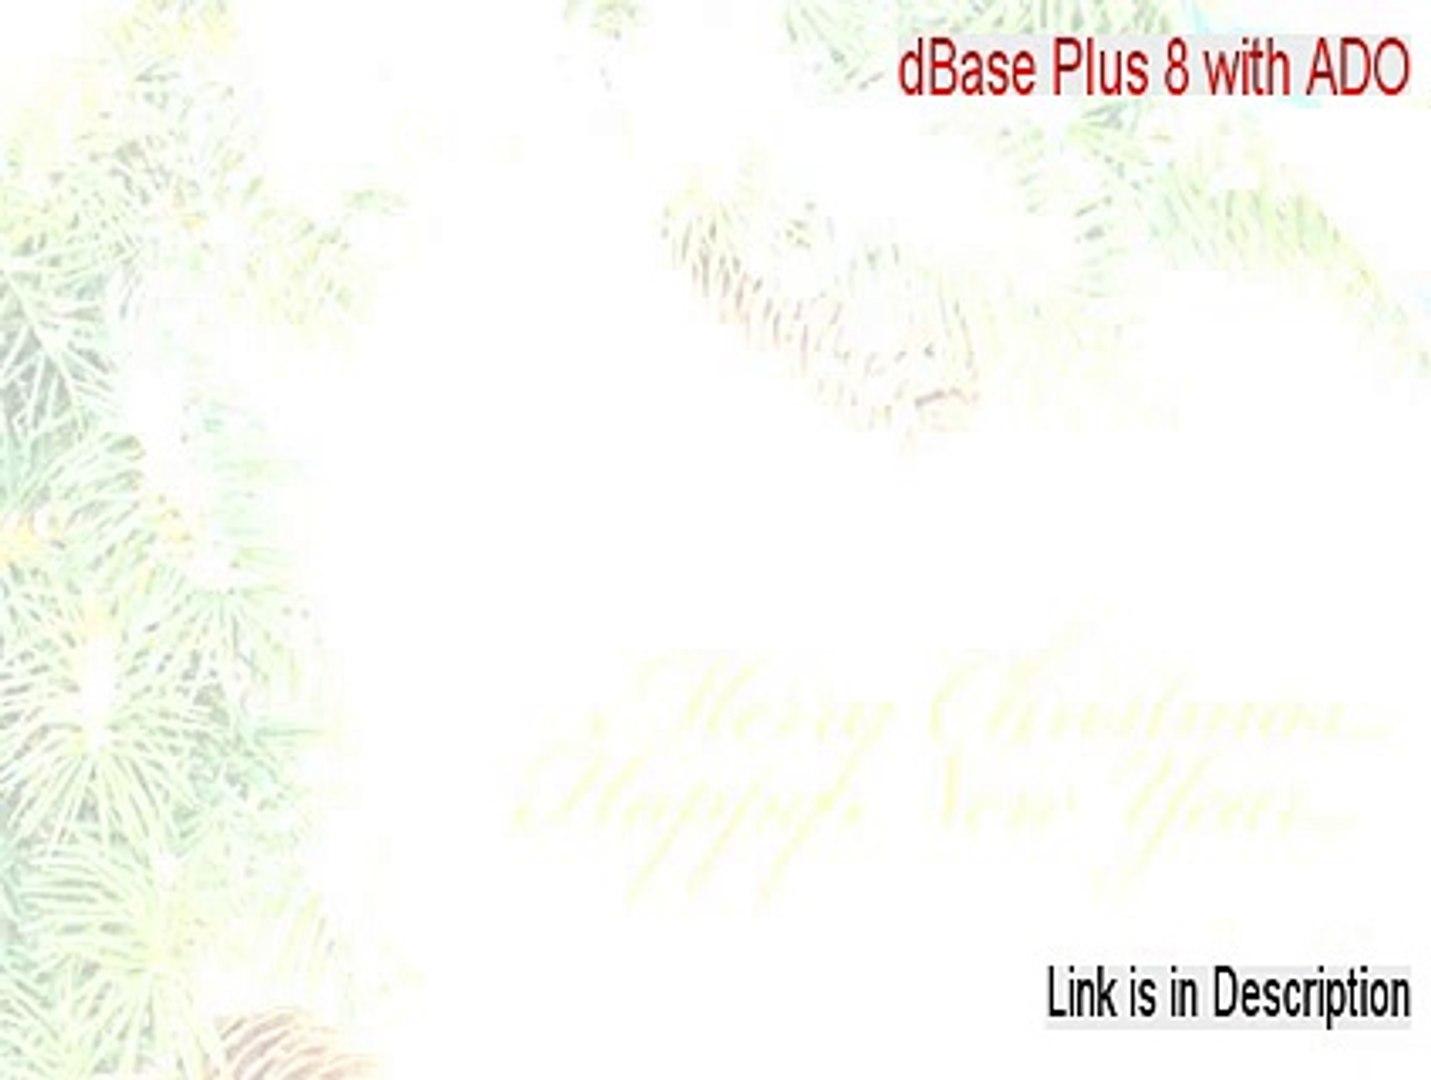 dBase Plus 8 with ADO Keygen - dbase 8 with ado (2015)